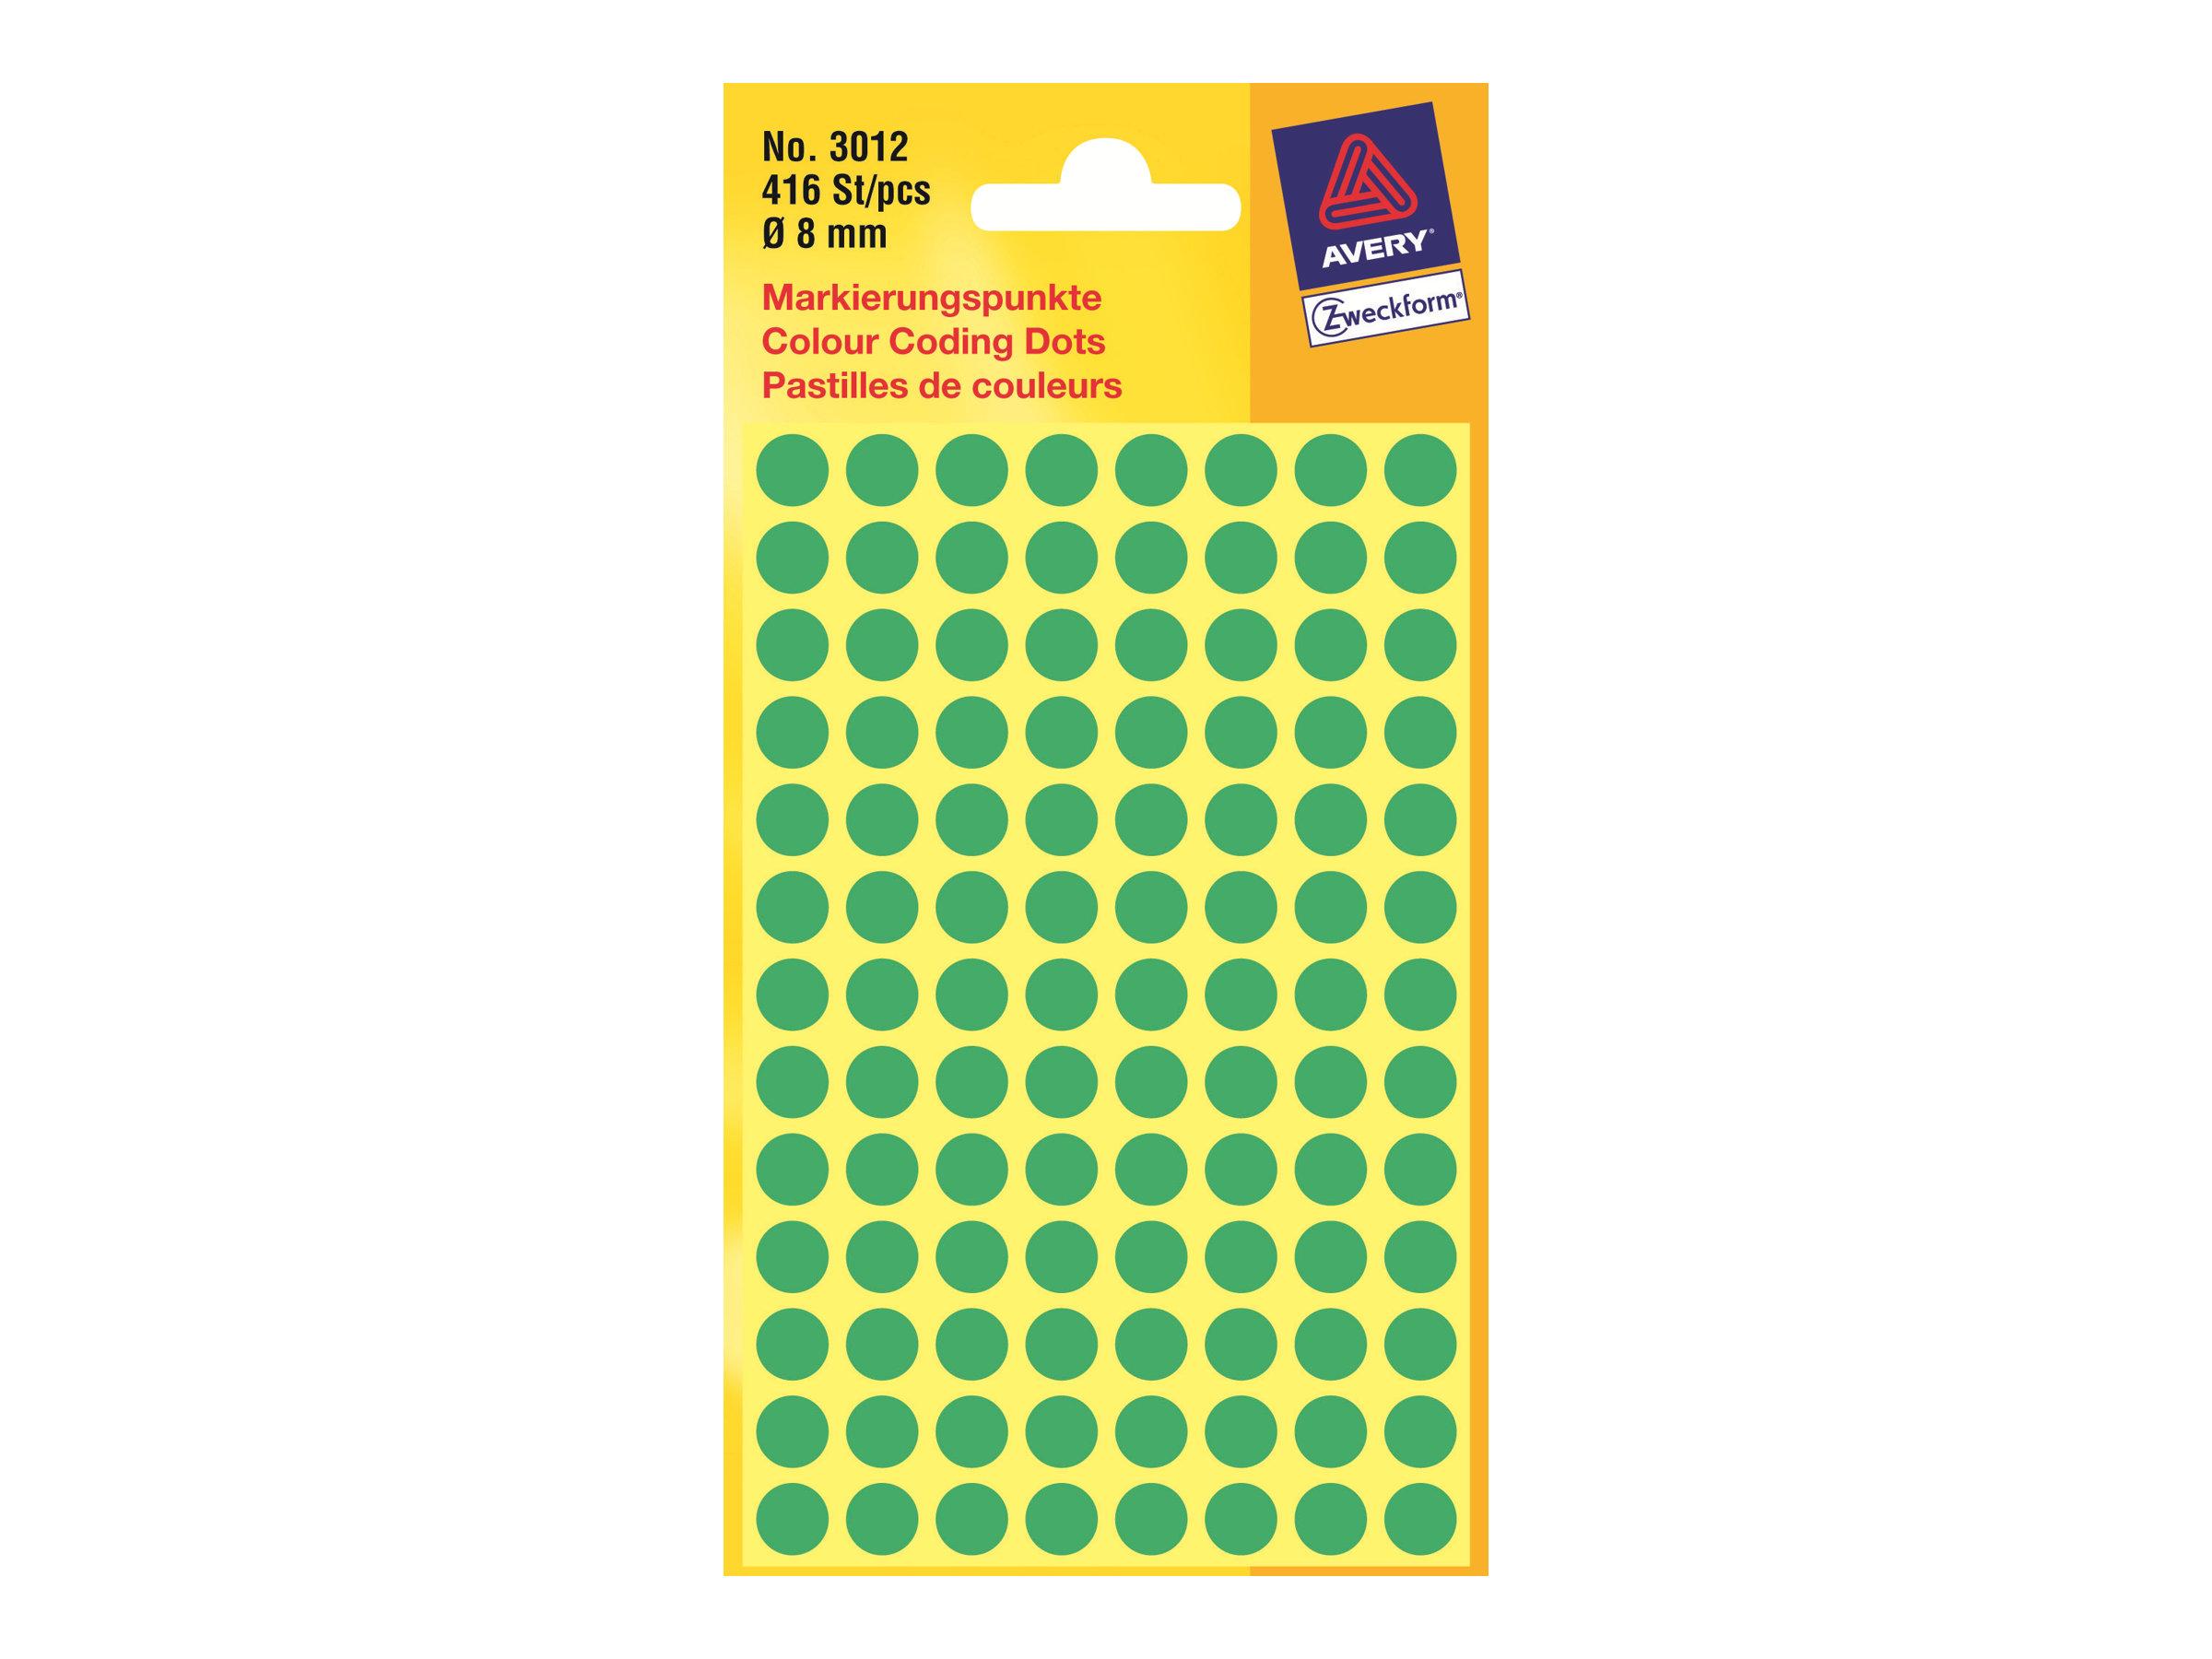 Avery Zweckform  Grün - 8 mm rund 416 Etikett(en) (4 Bogen x 104) Etiketten